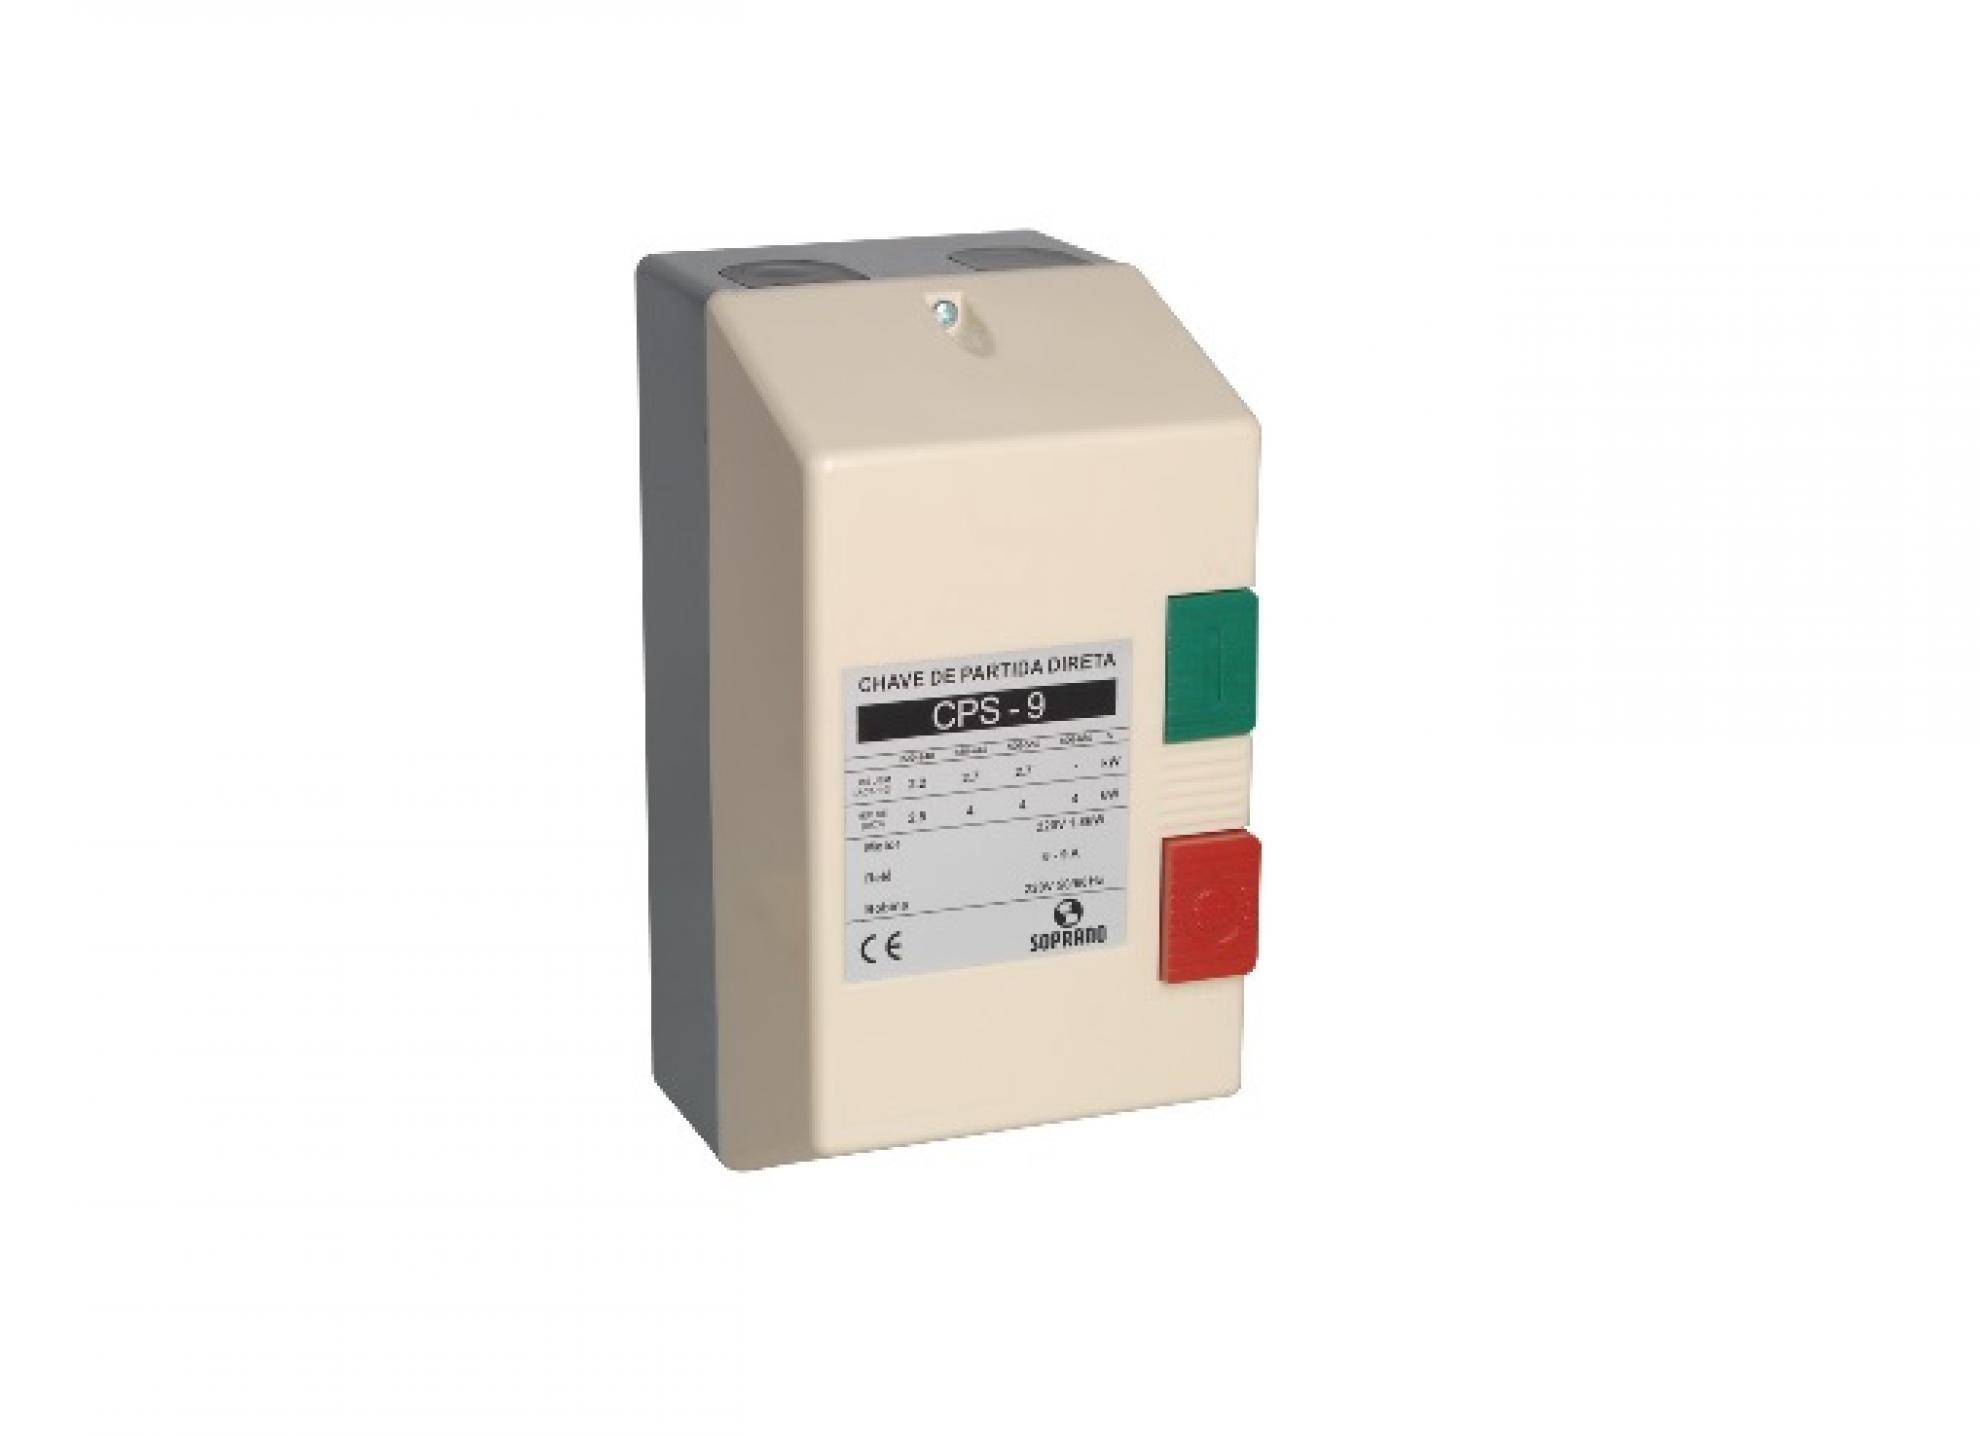 Chave de Partida CPS - 09 (2,5 a 4,0) 220VAC